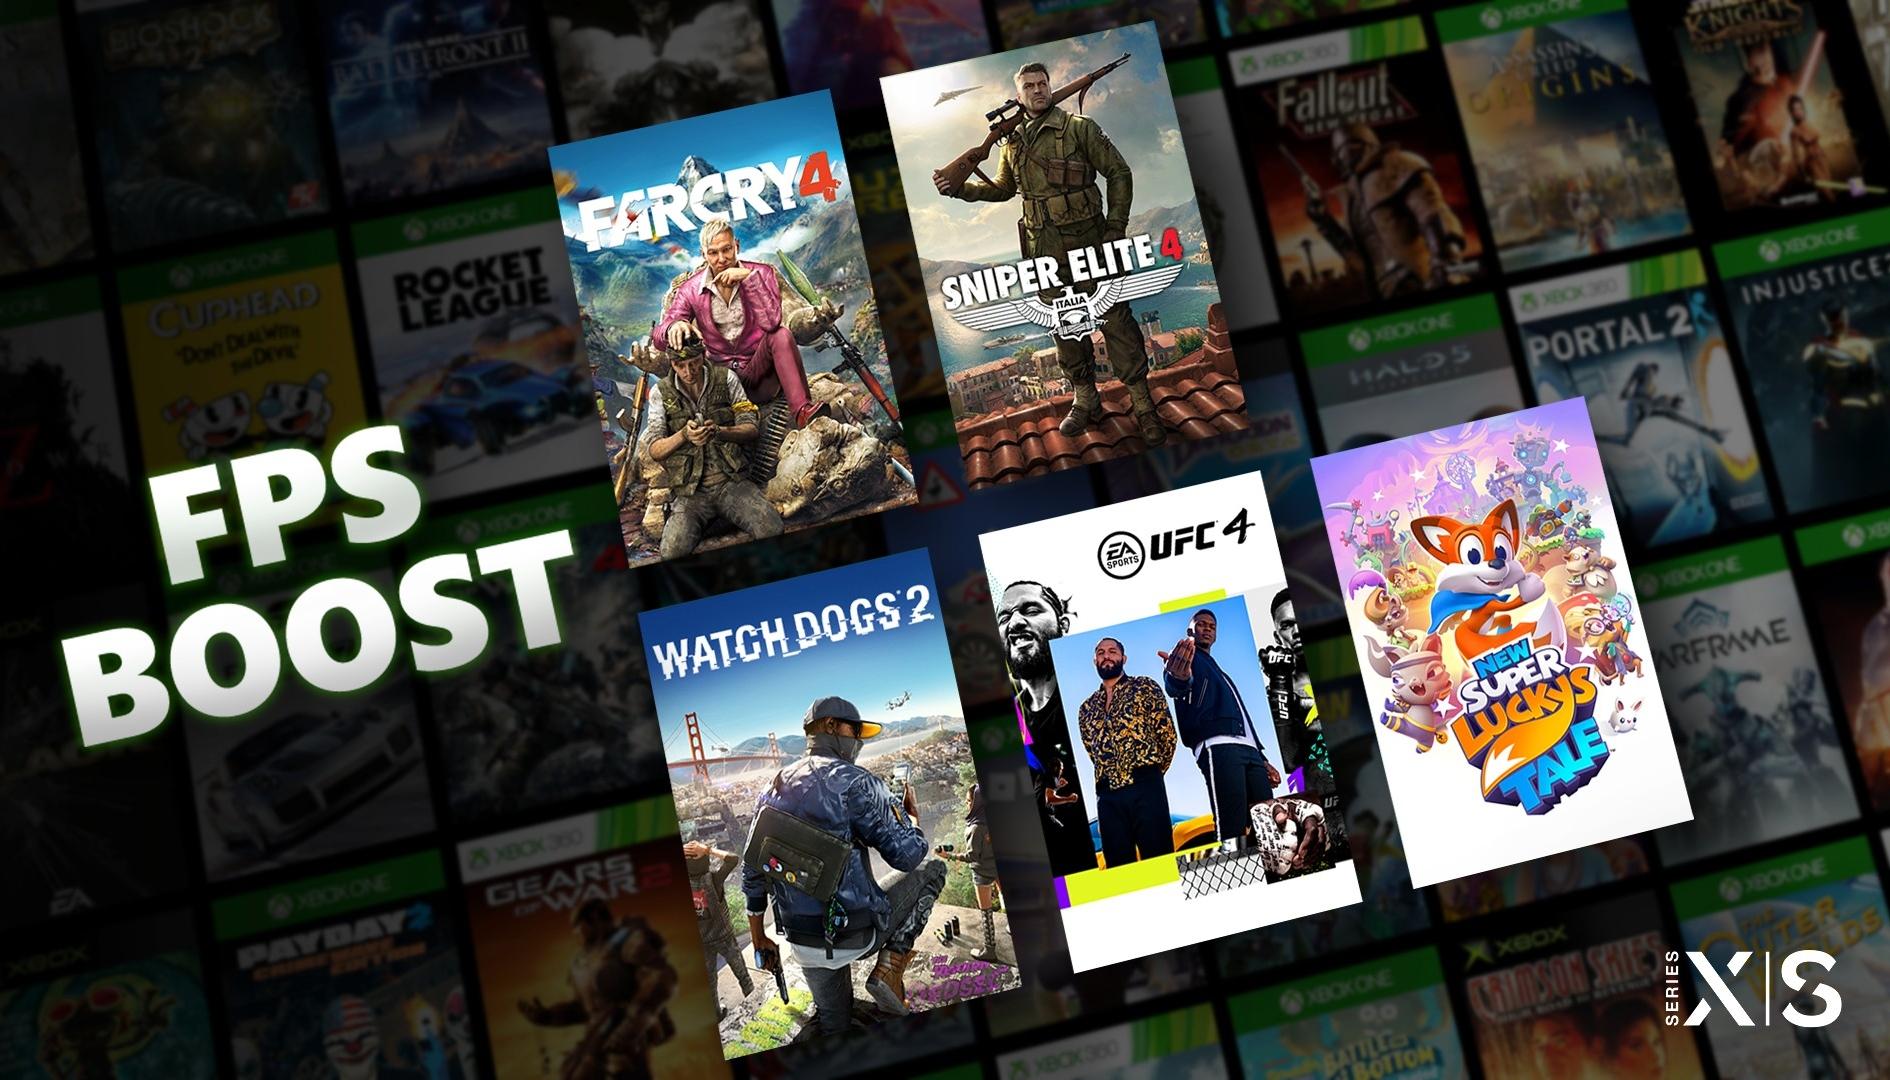 Xbox Series X |S, arriva FPS Boost per i titoli EA